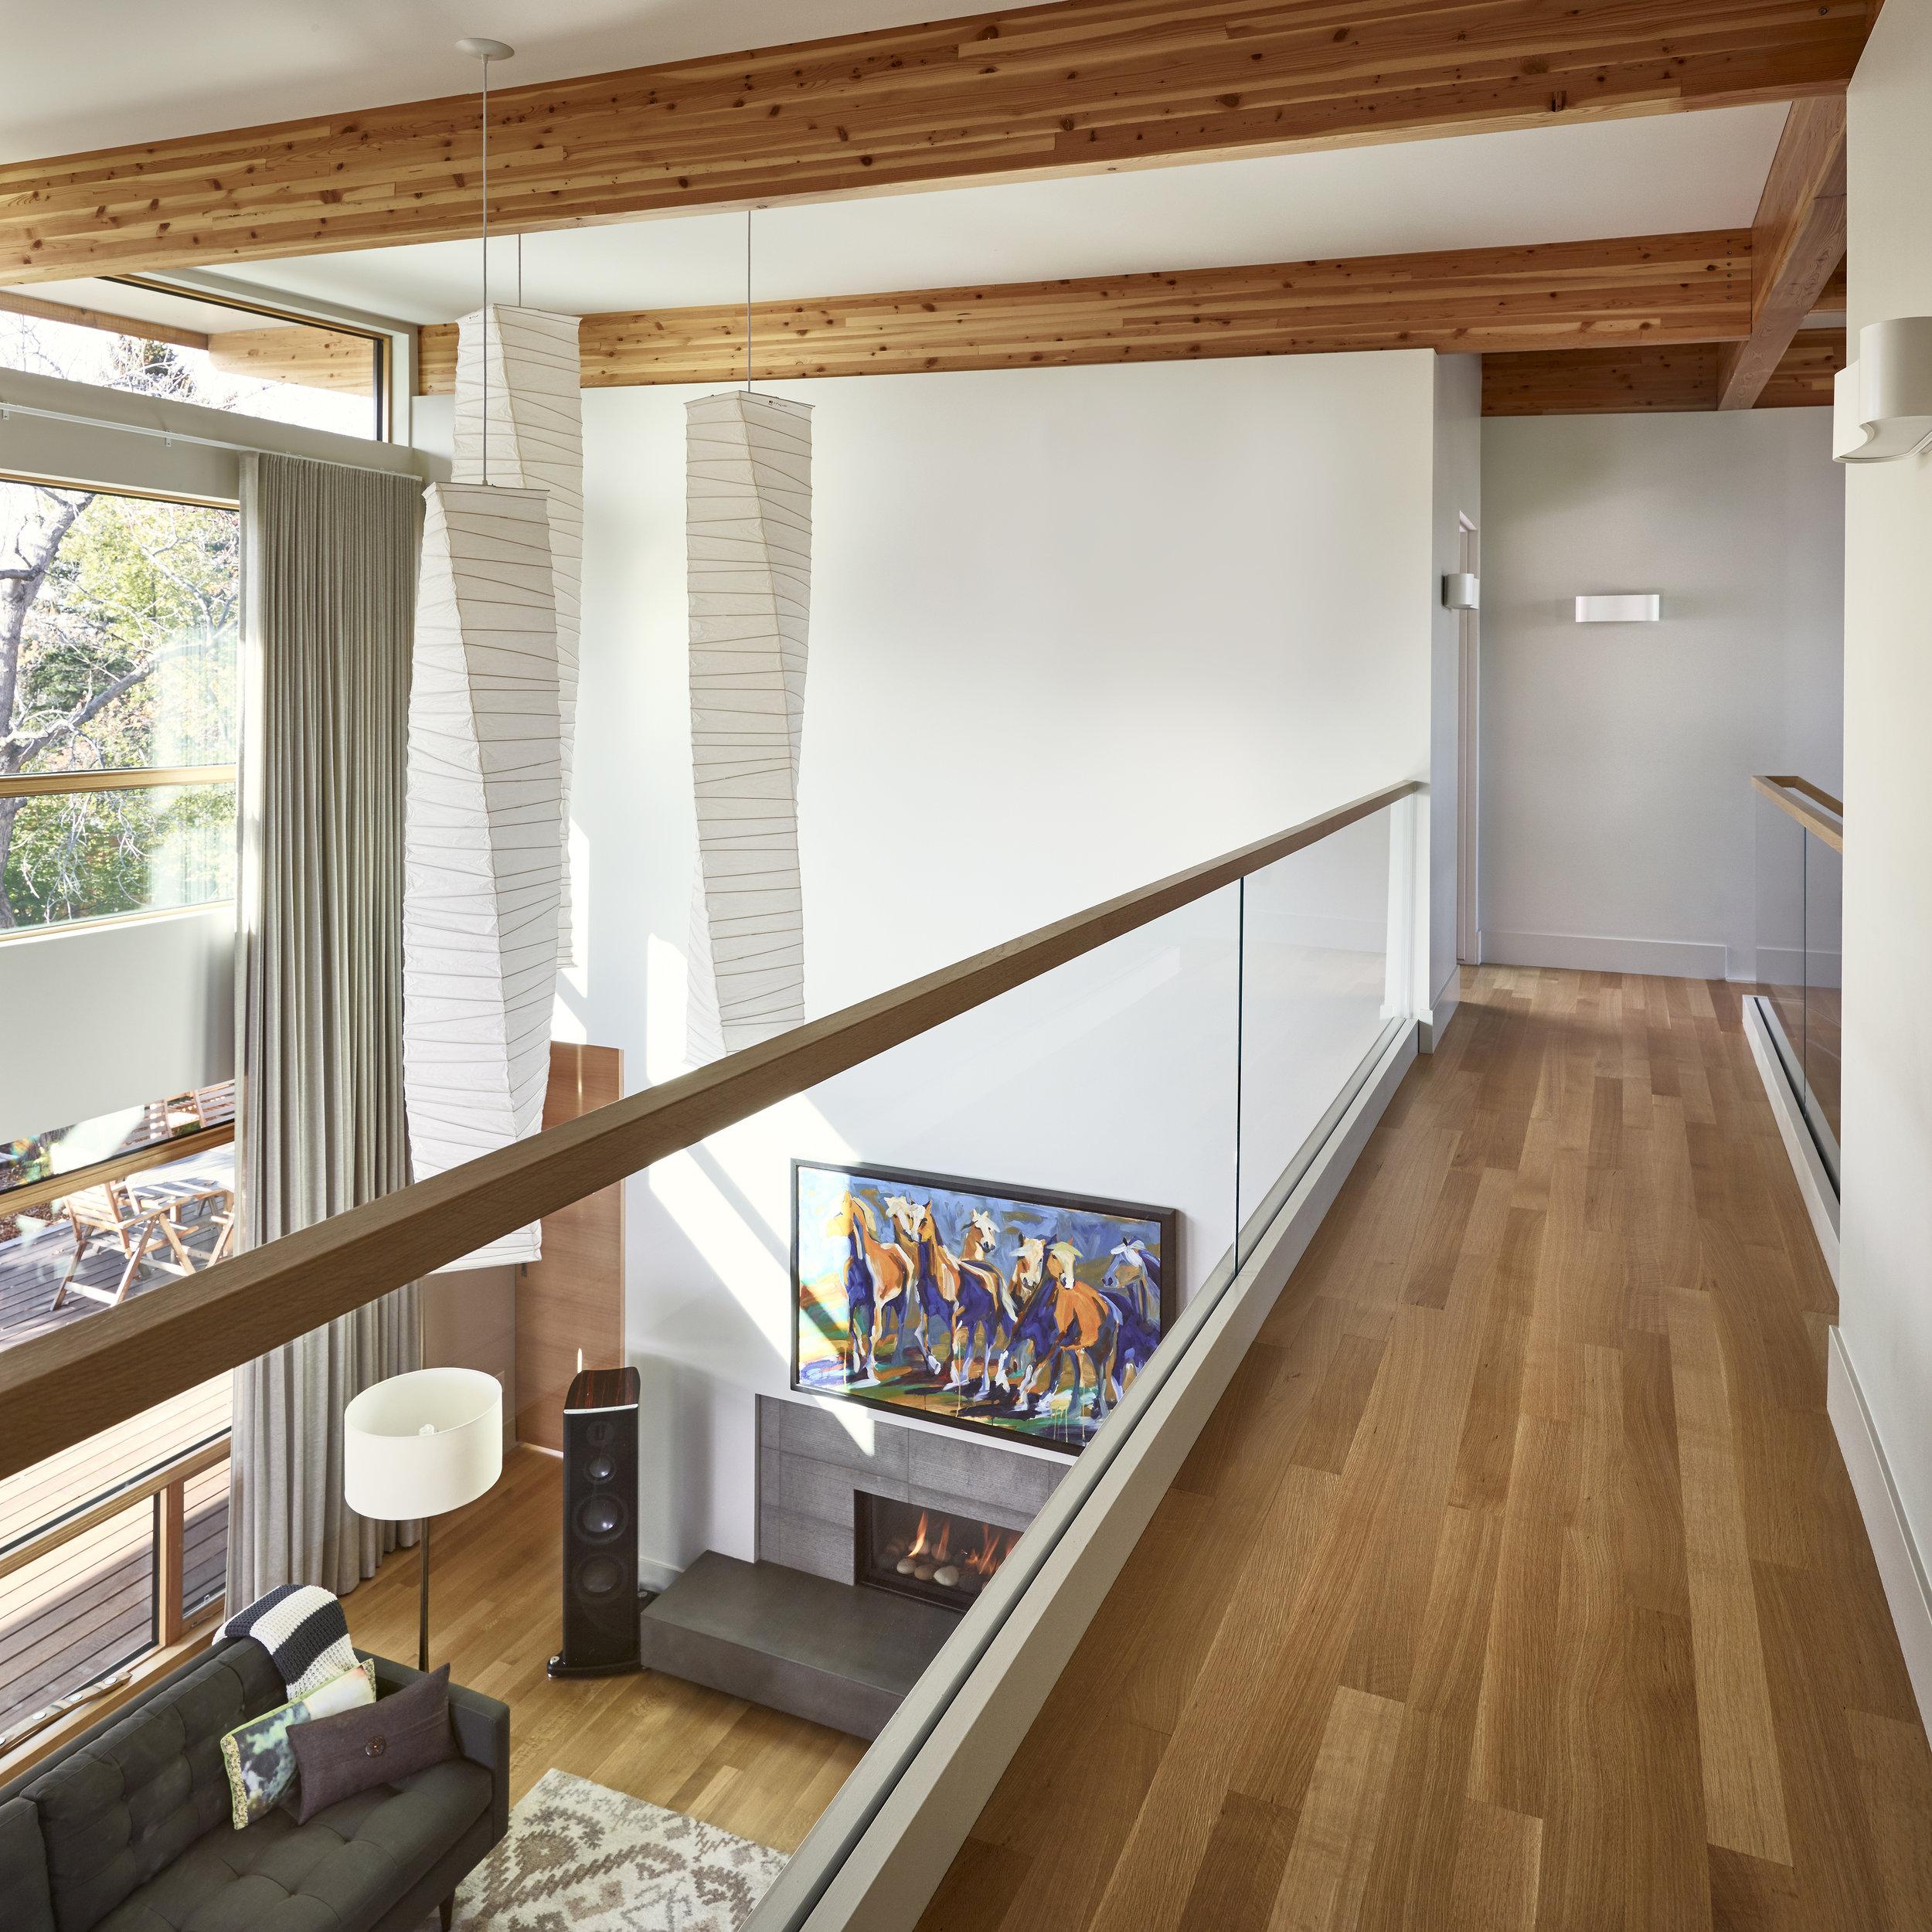 turkel_modern_design_prefab_home_mckay_calgary_walkway.jpg